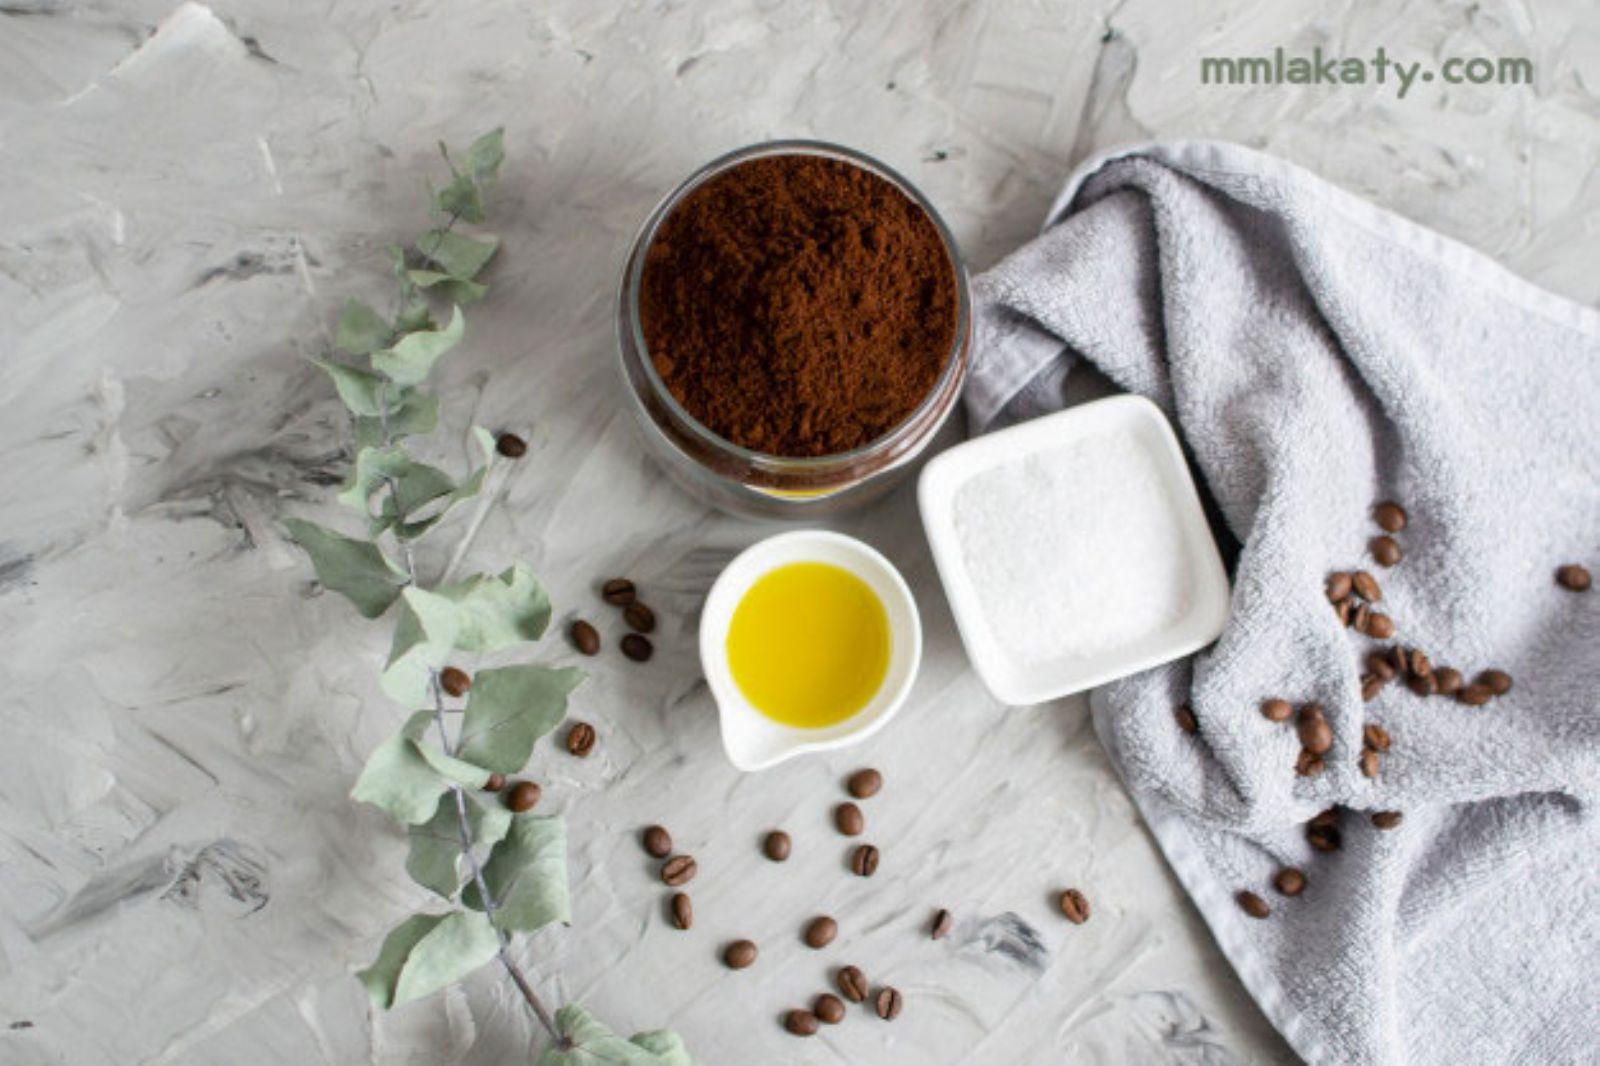 صنفرة القهوة لعلاج الخطوط البيضاء والسيلوليت أصداء